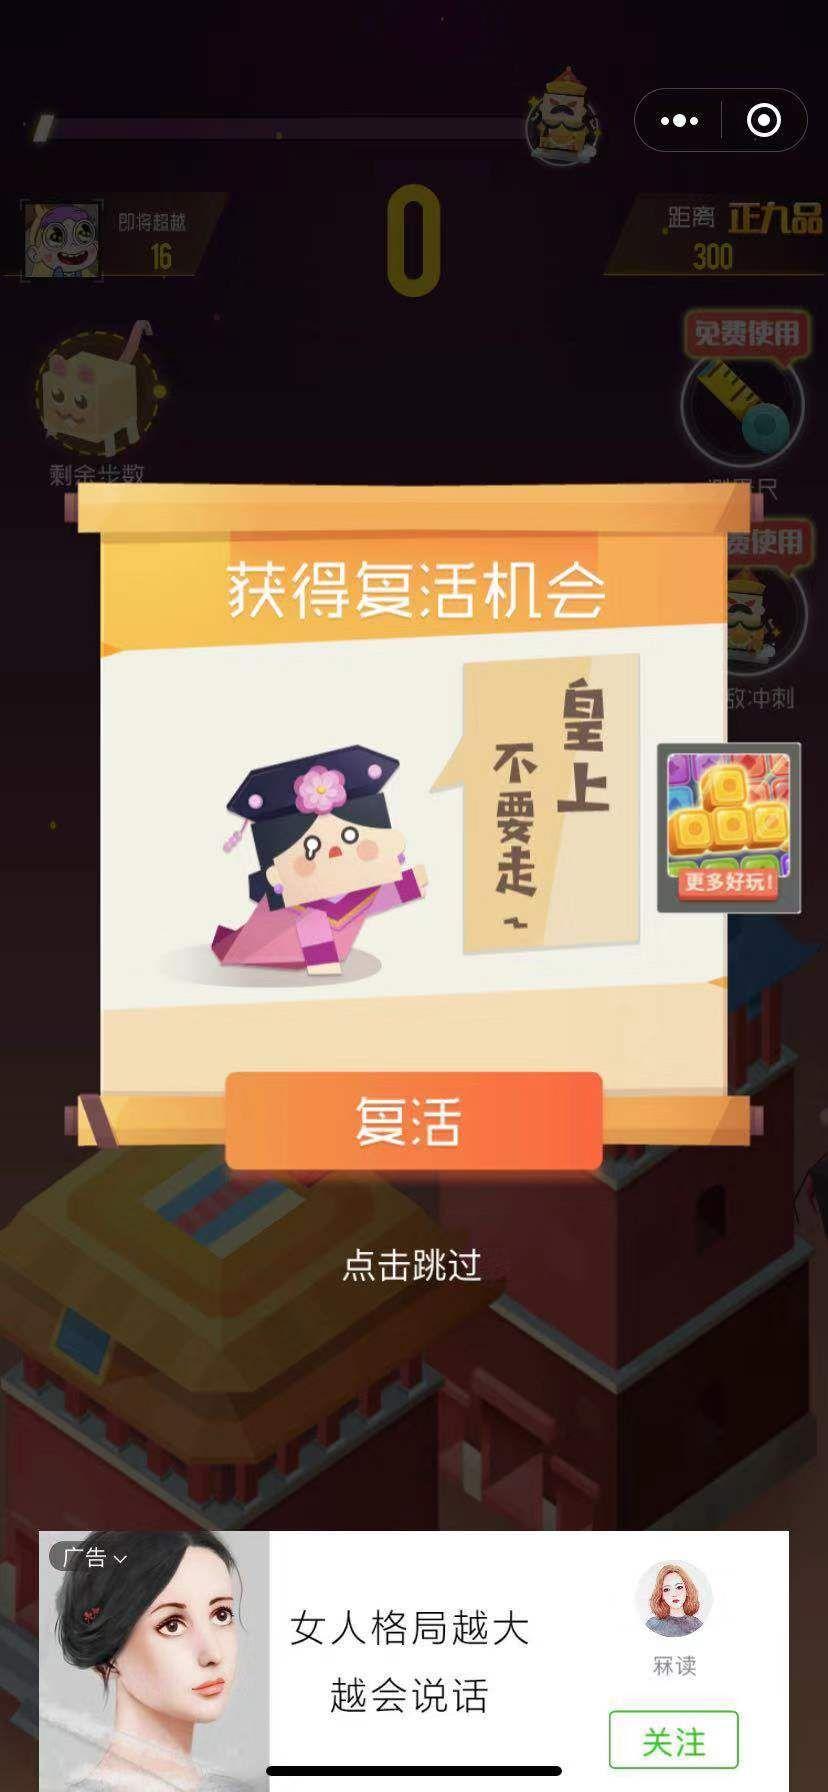 微信皇上冲冲冲小游戏官方网站下载正式版图片3